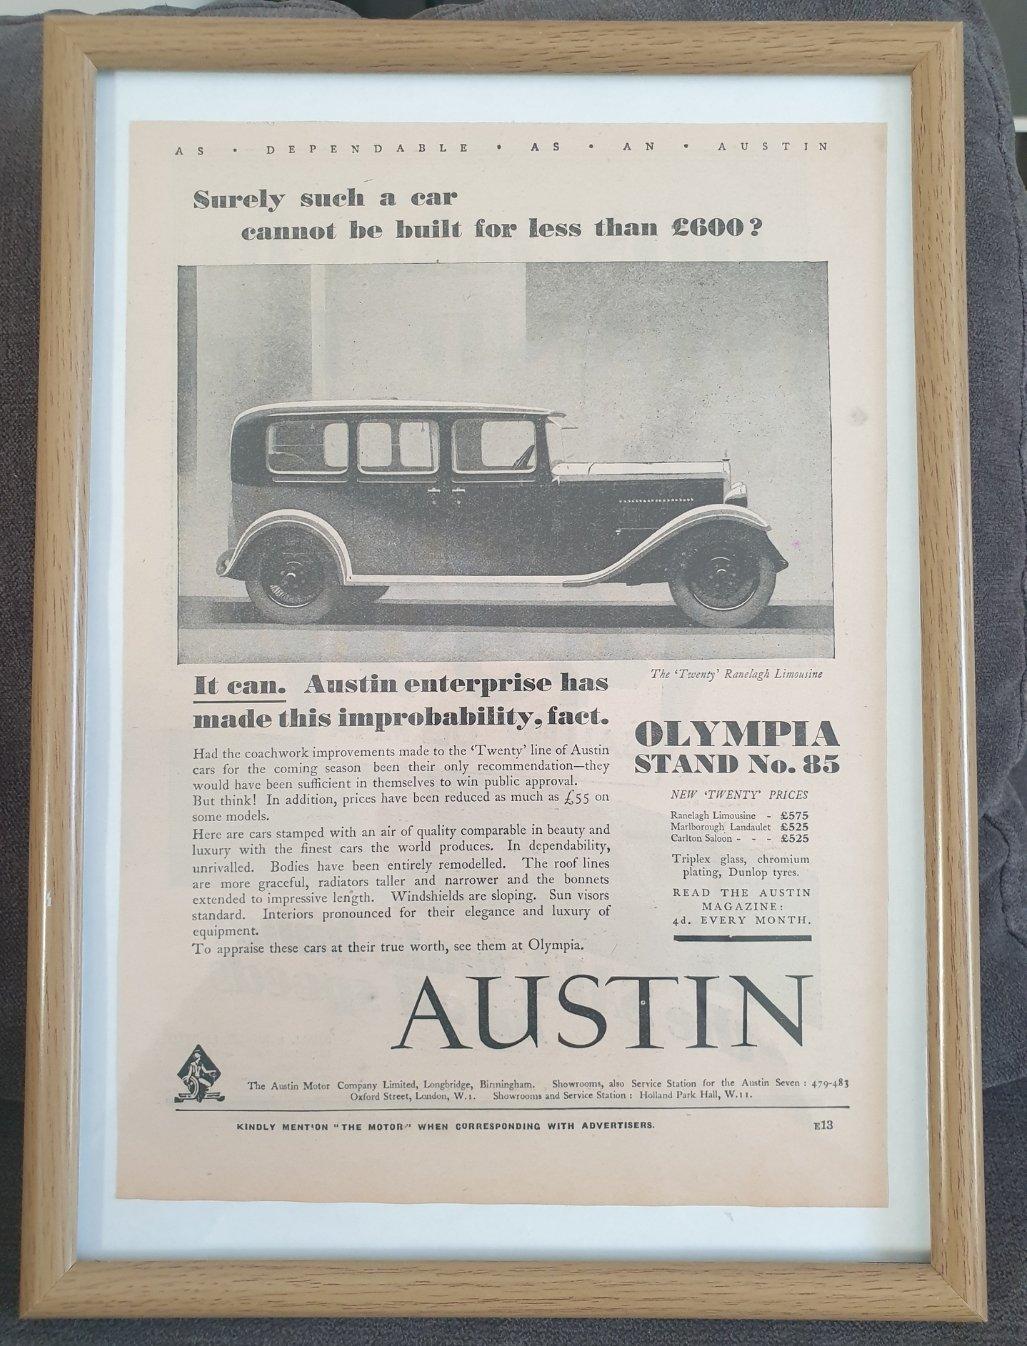 Original 1930 Austin Twenty Framed Advert